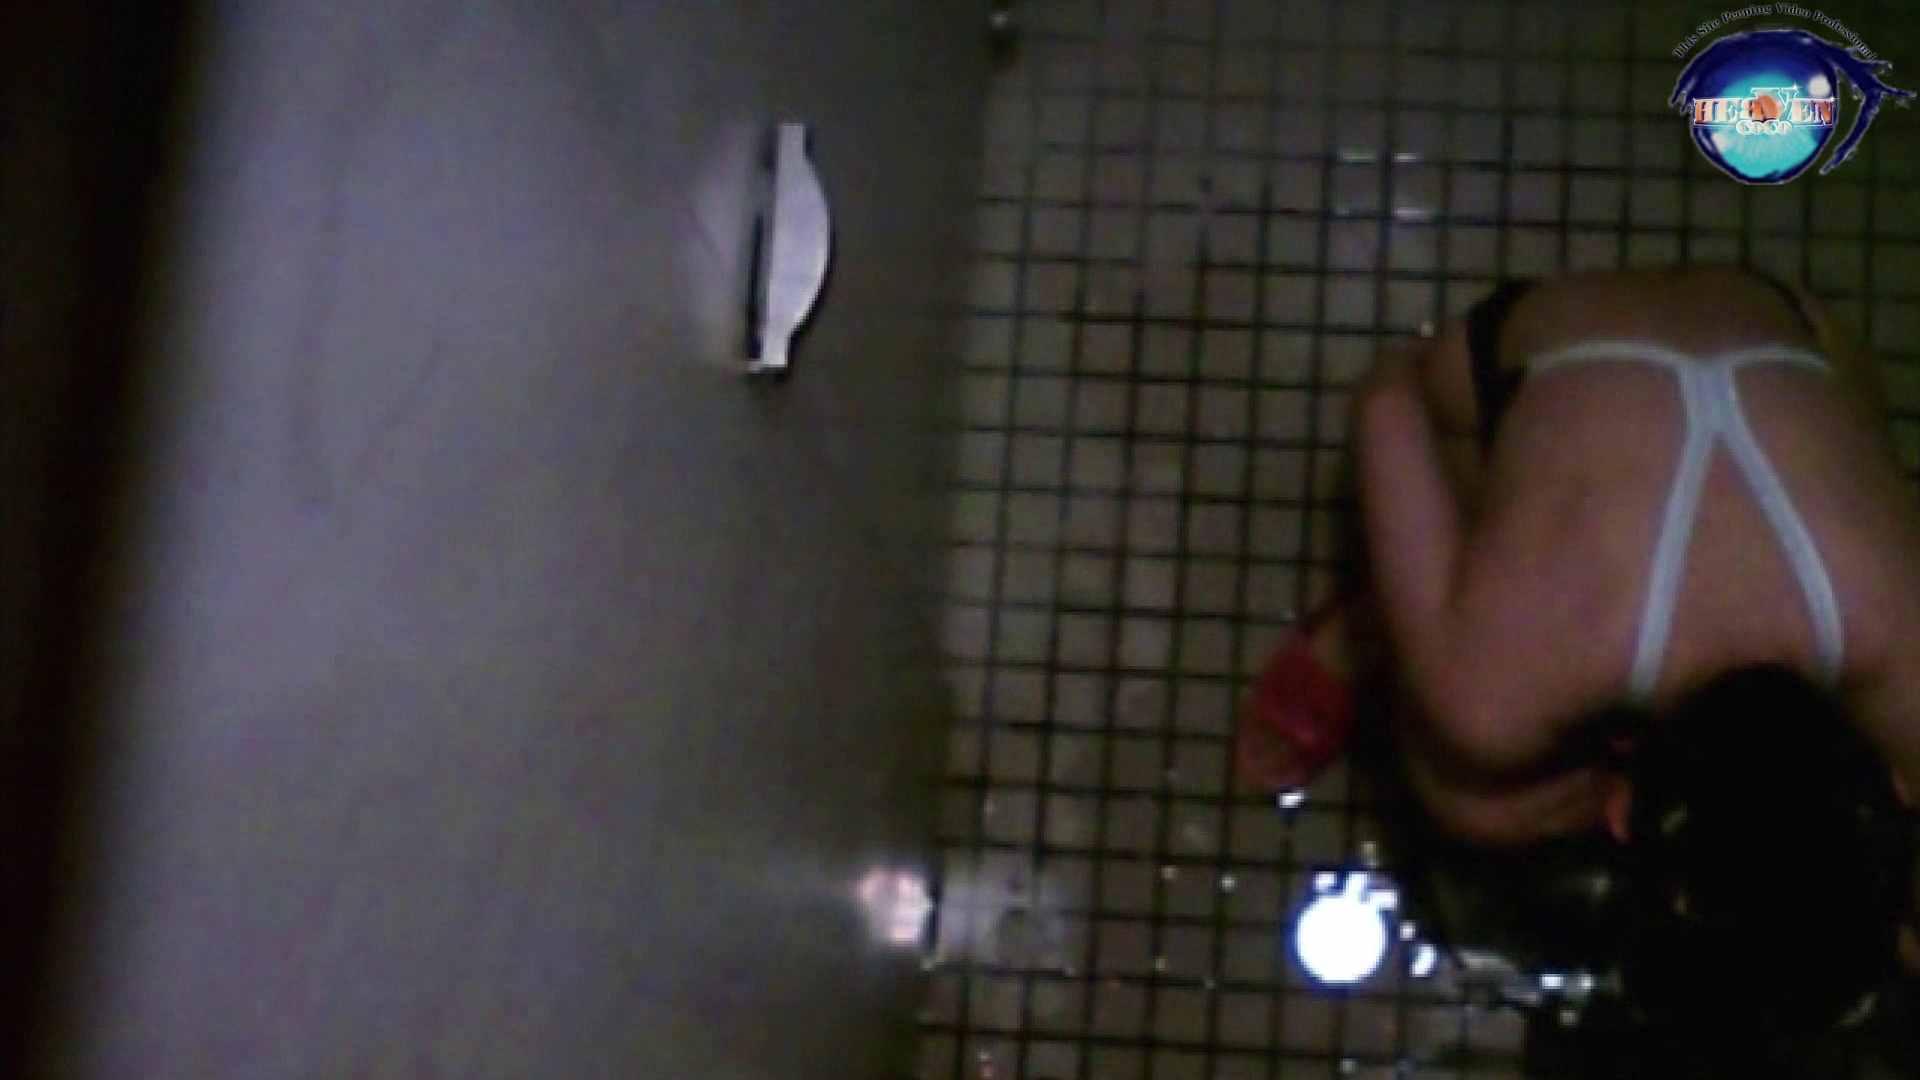 水泳大会選手の聖水 vol.19 トイレの中まで 盗撮 10枚 4